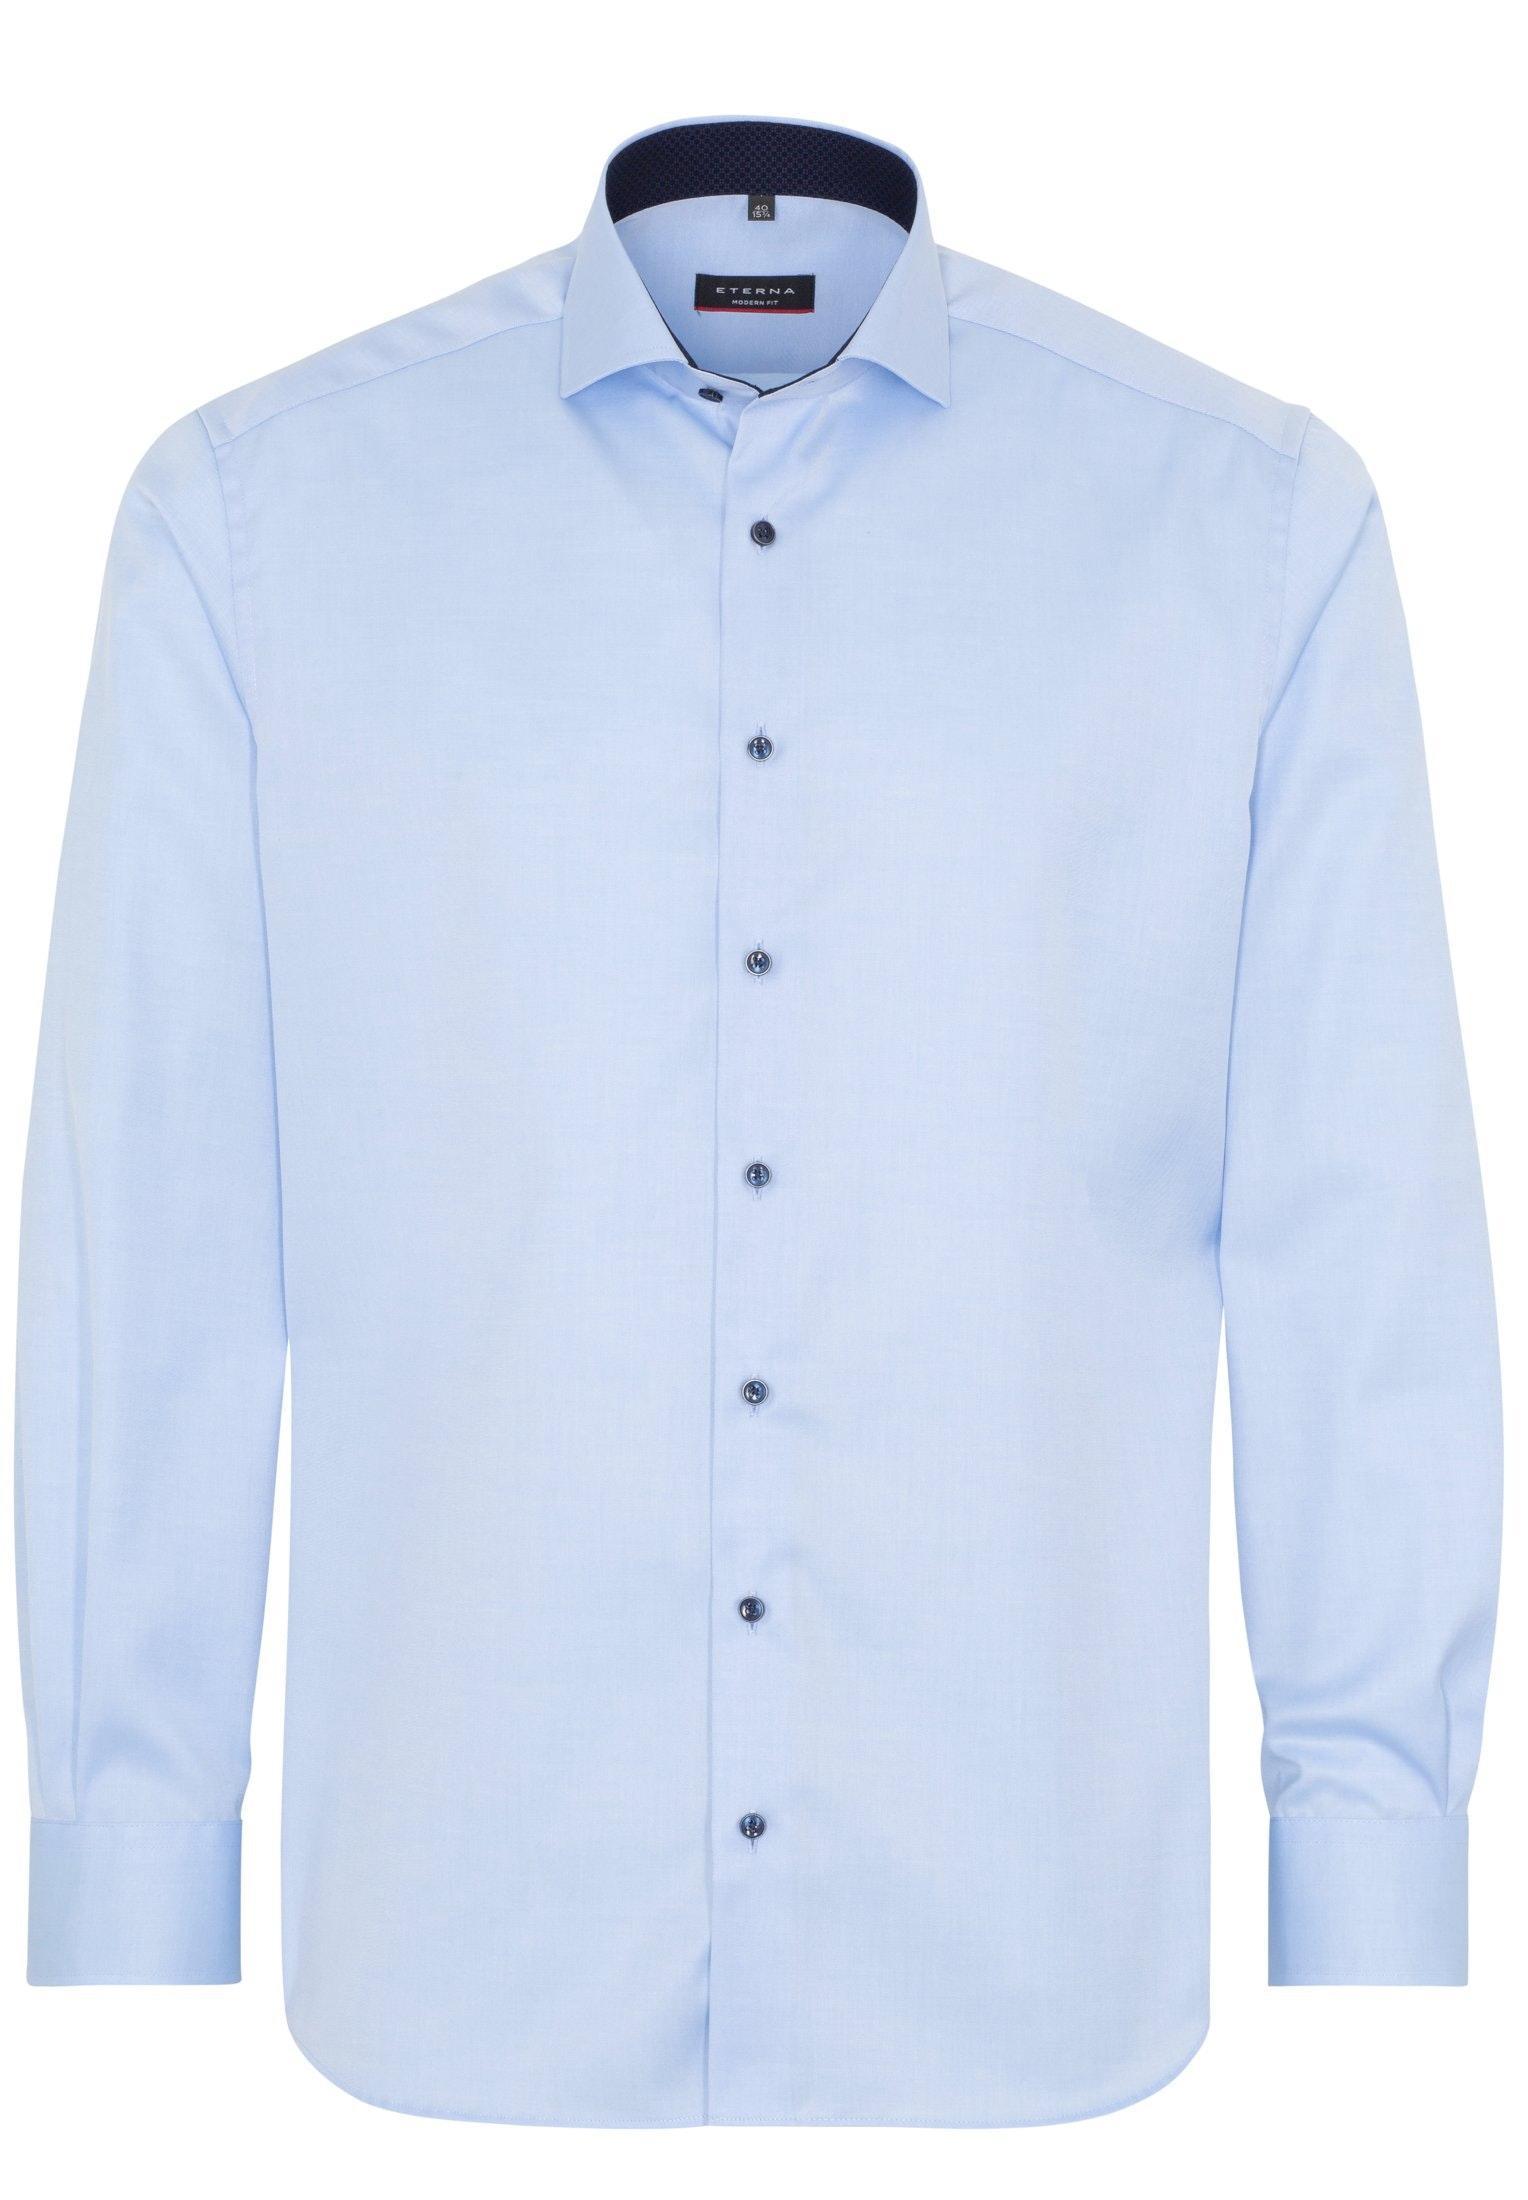 Eterna langarm Hemd Cover modern